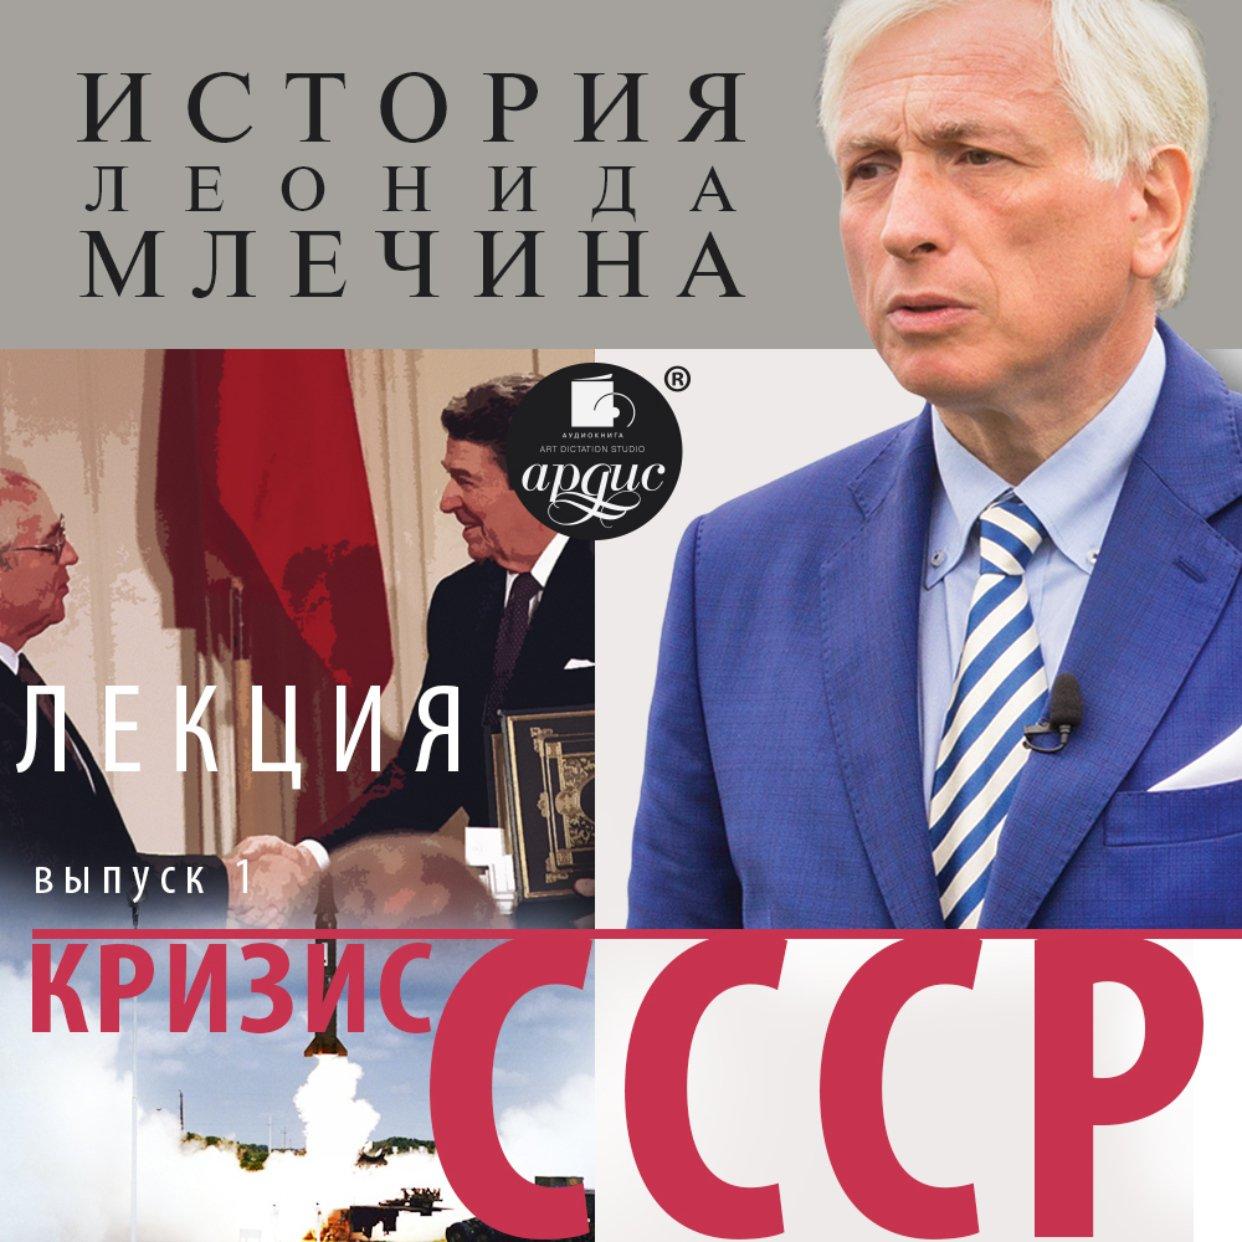 «Кризис СССР». Выпуск 1